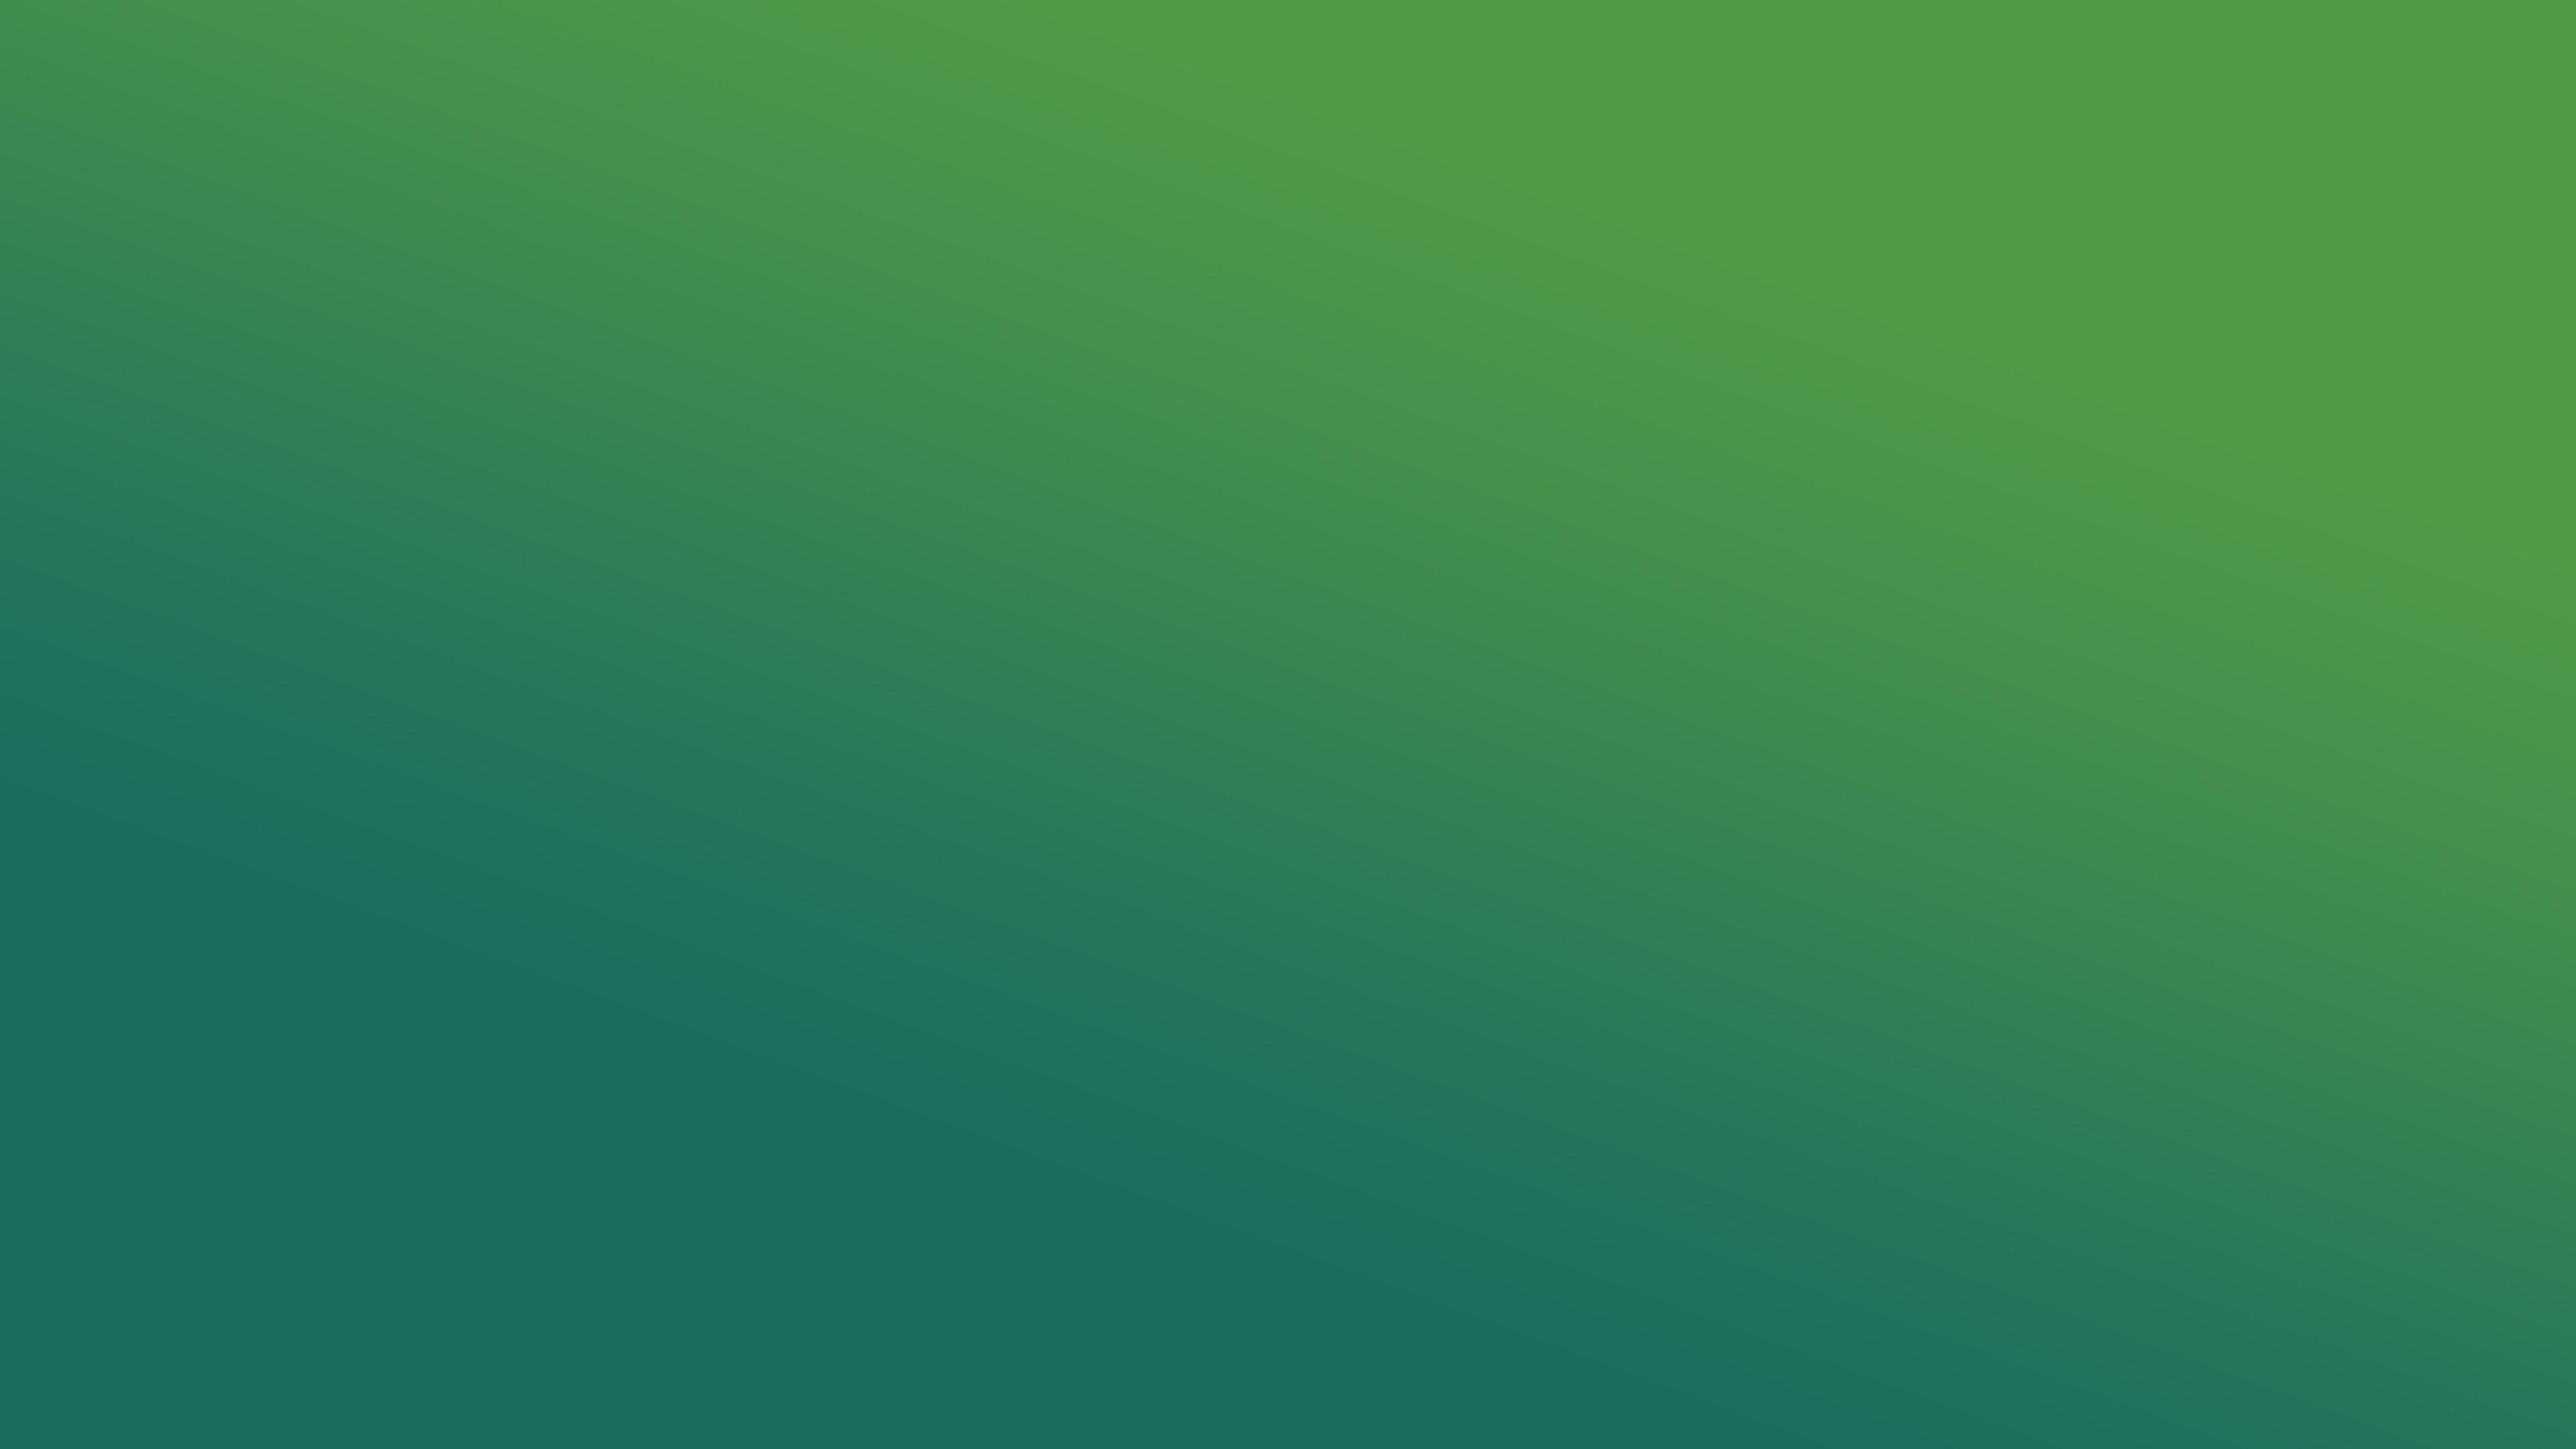 Green Gradient Wallpapers Top Free Green Gradient